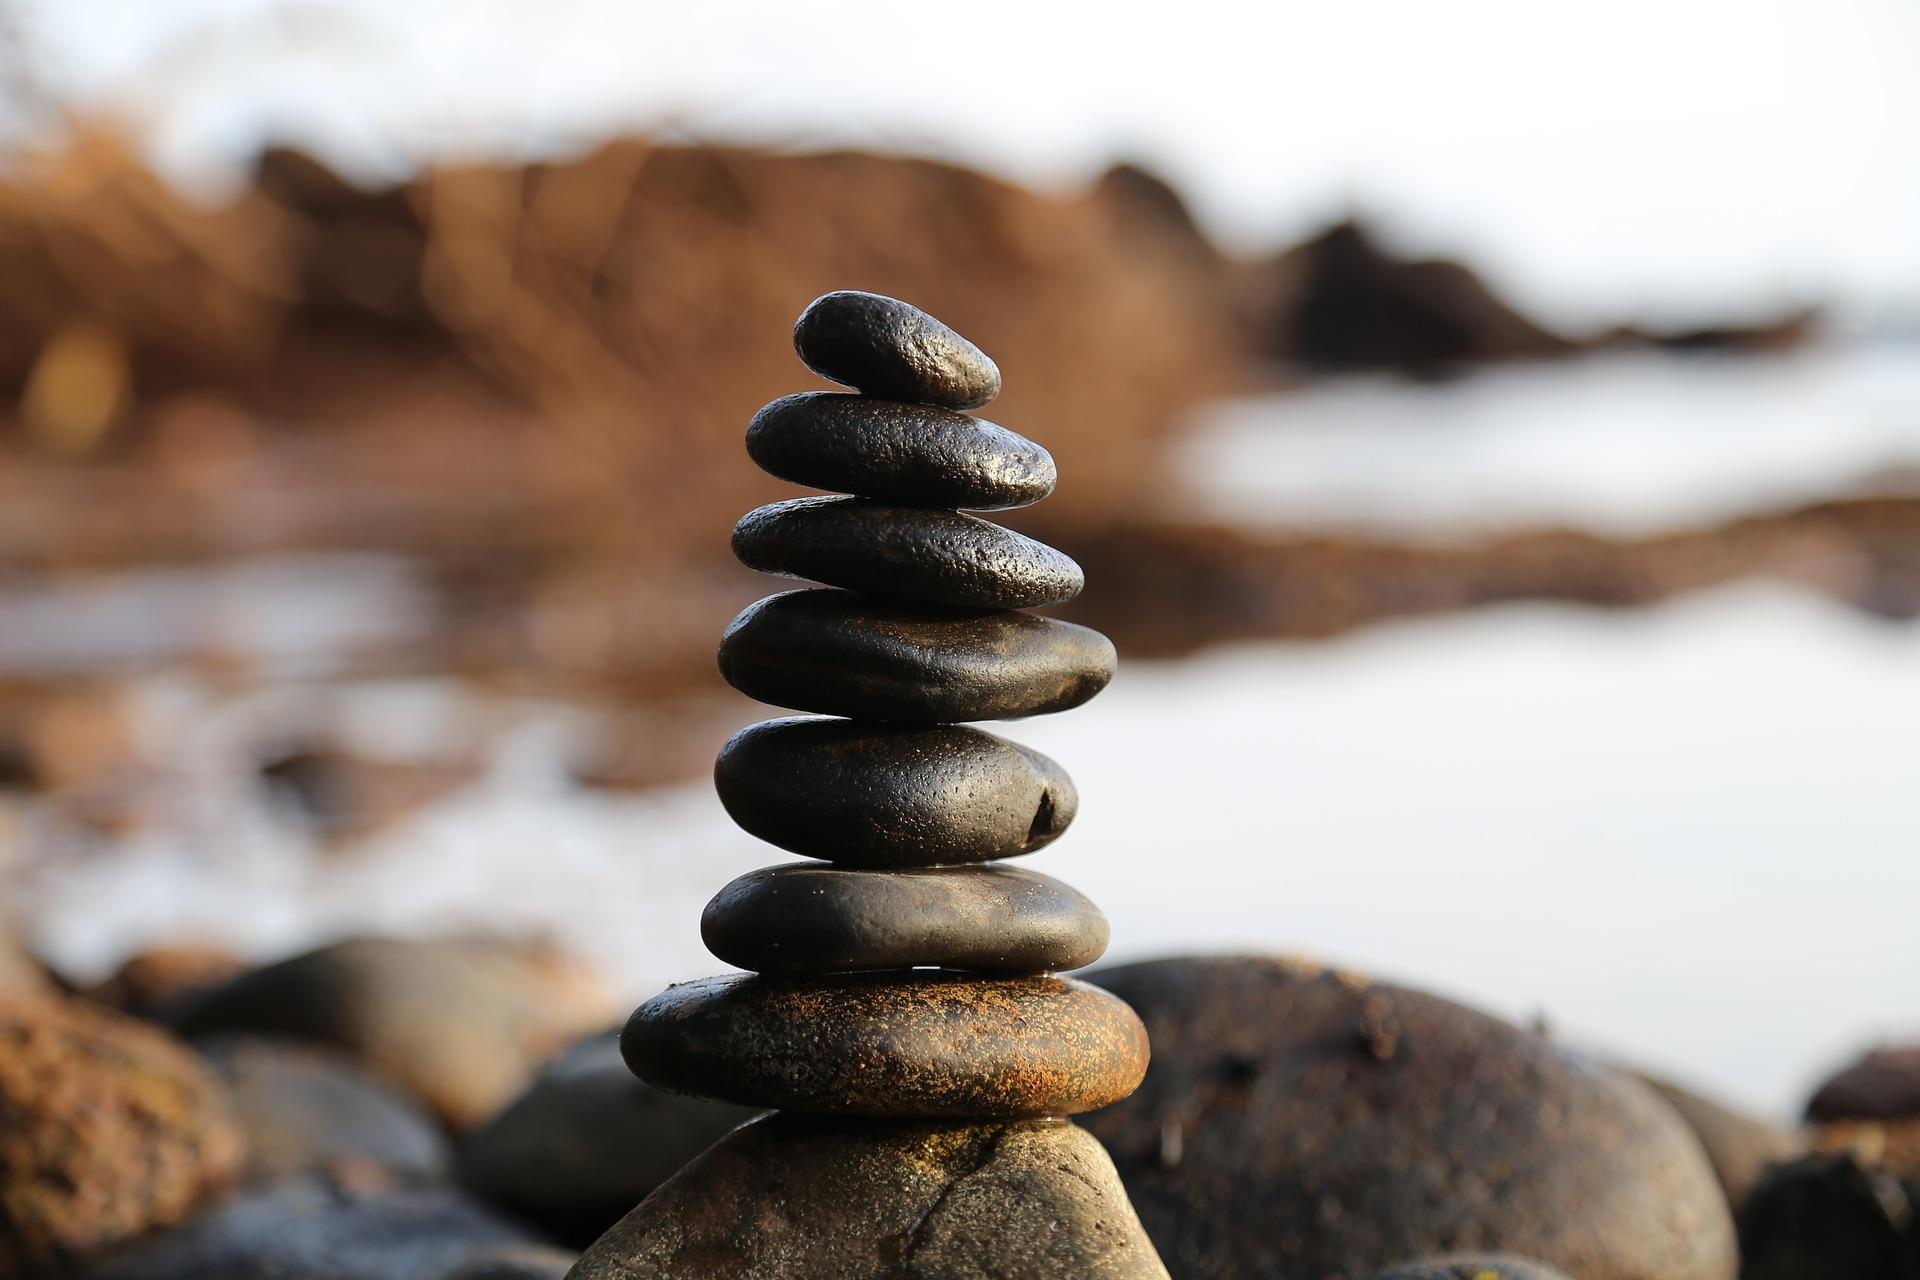 Zen_Pixabay_milivanily_stones-2082937_19